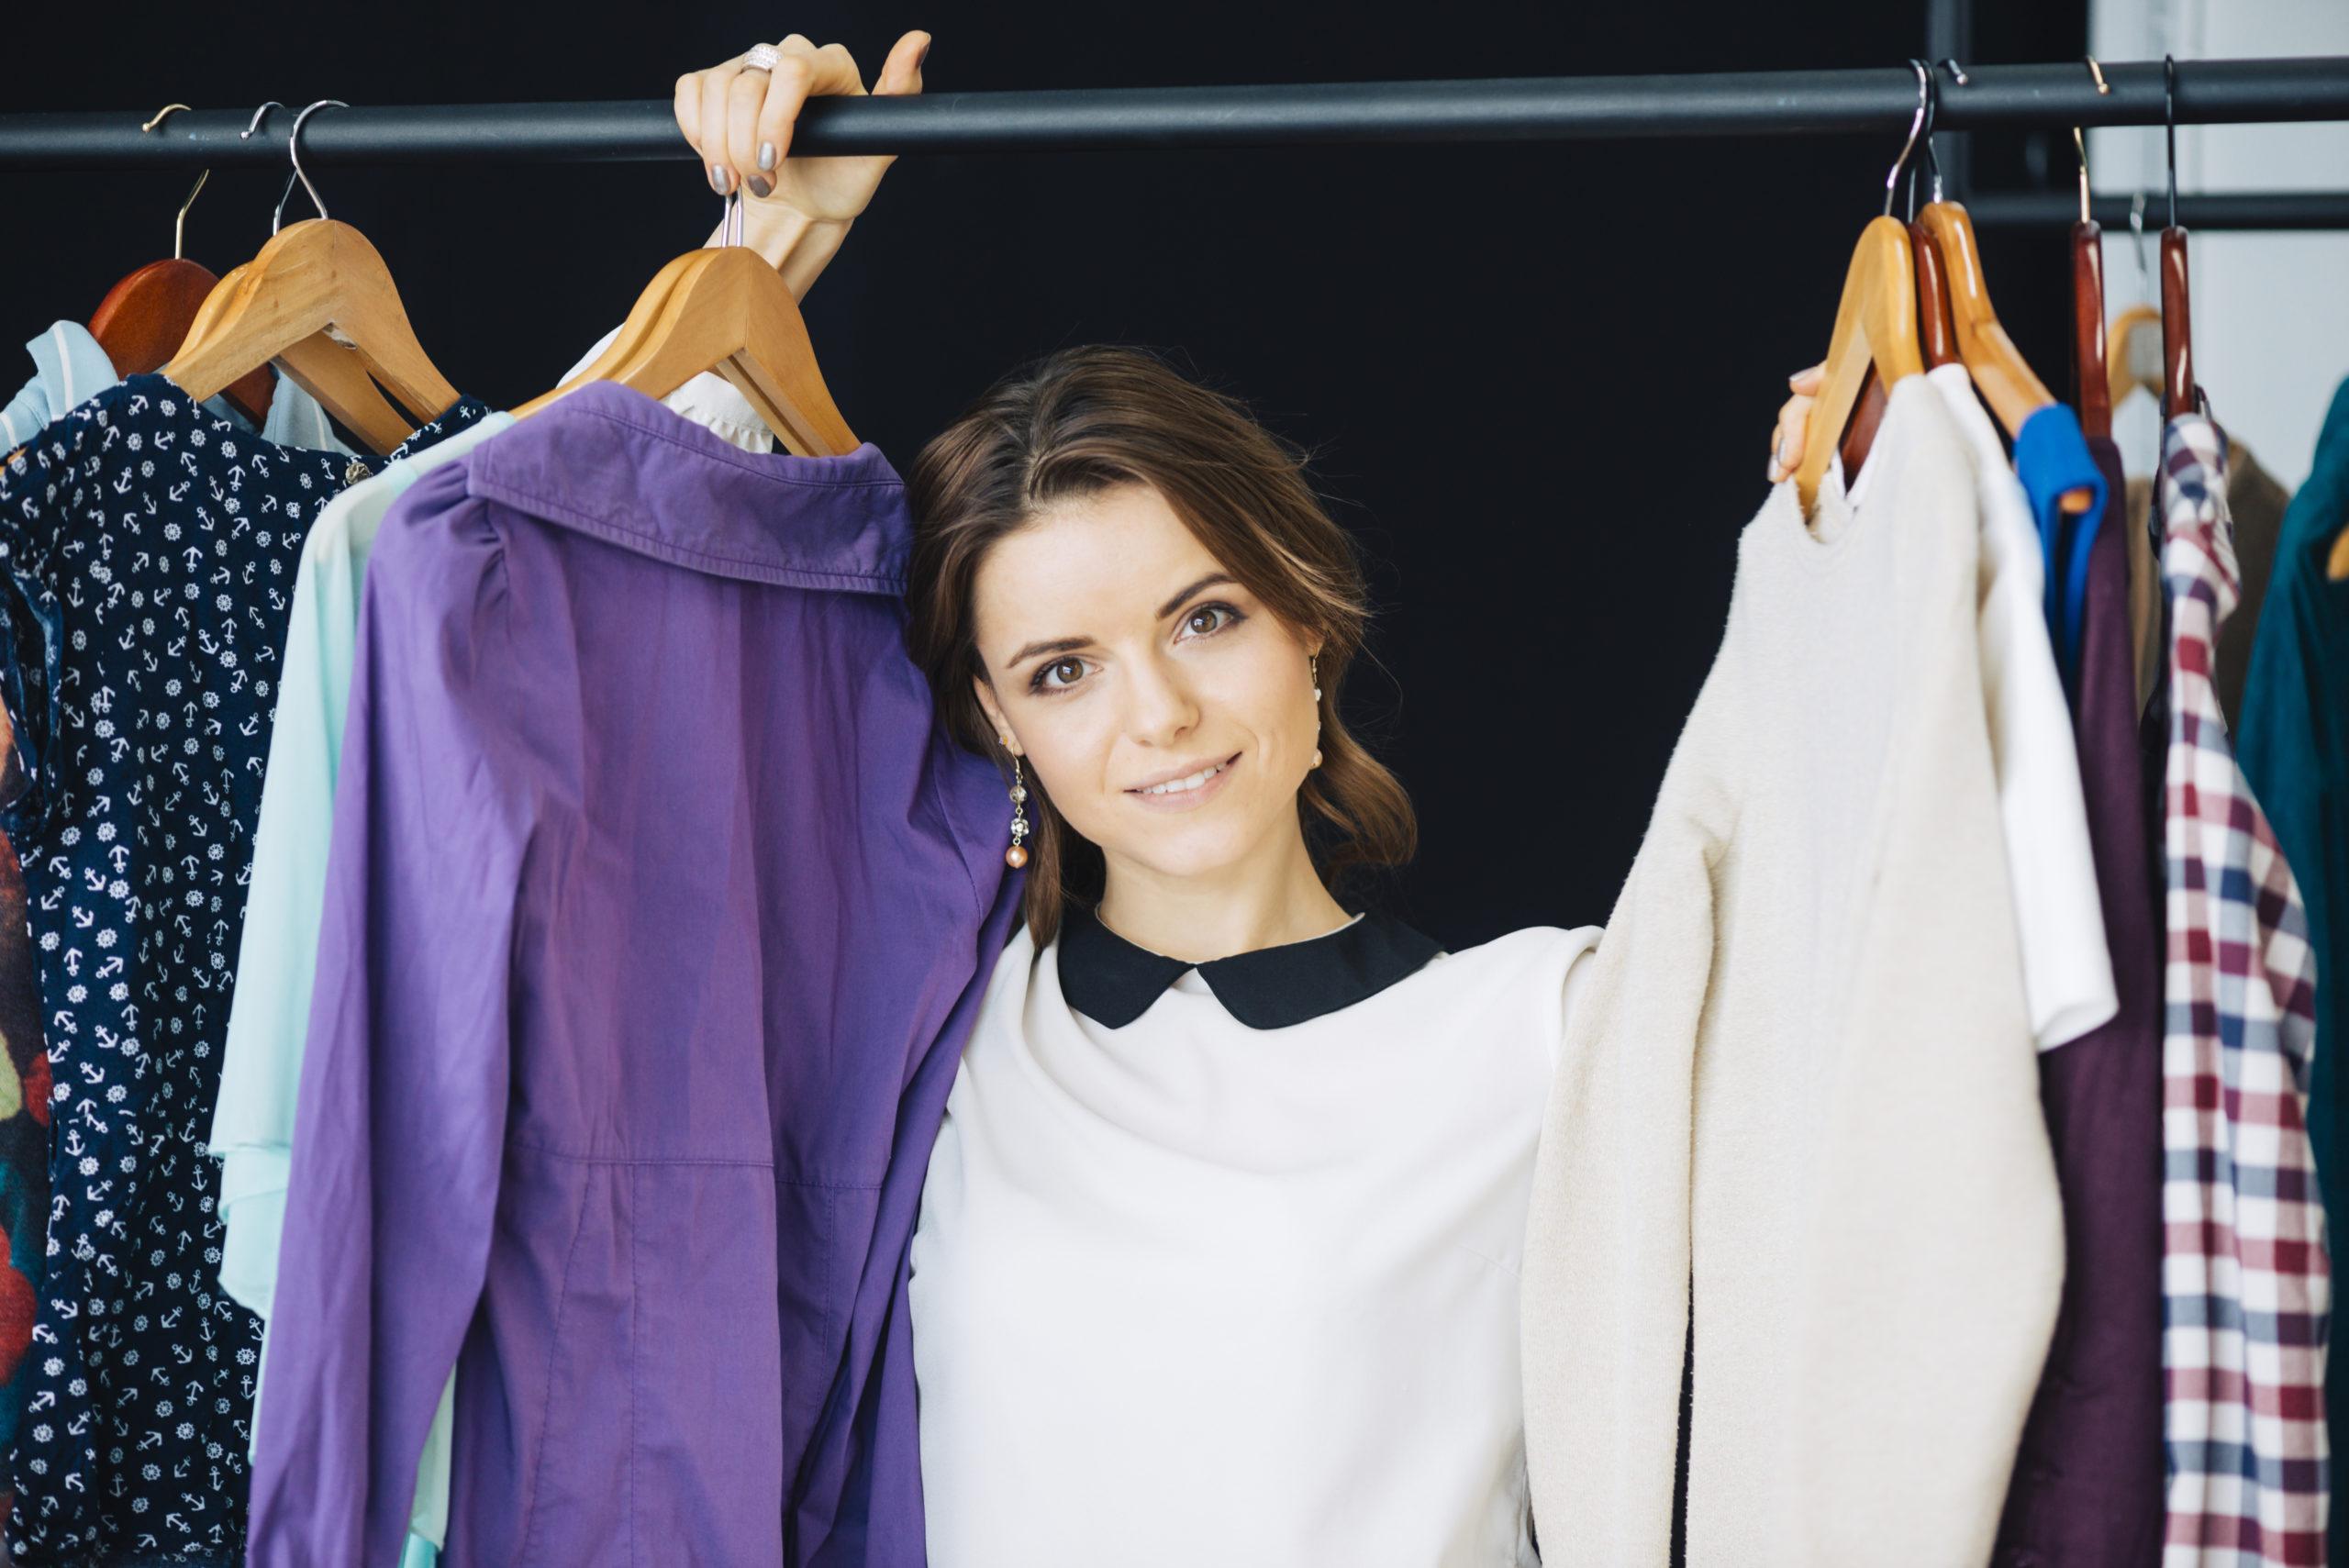 Quero abrir uma loja de roupas: como empreender no ramo da moda